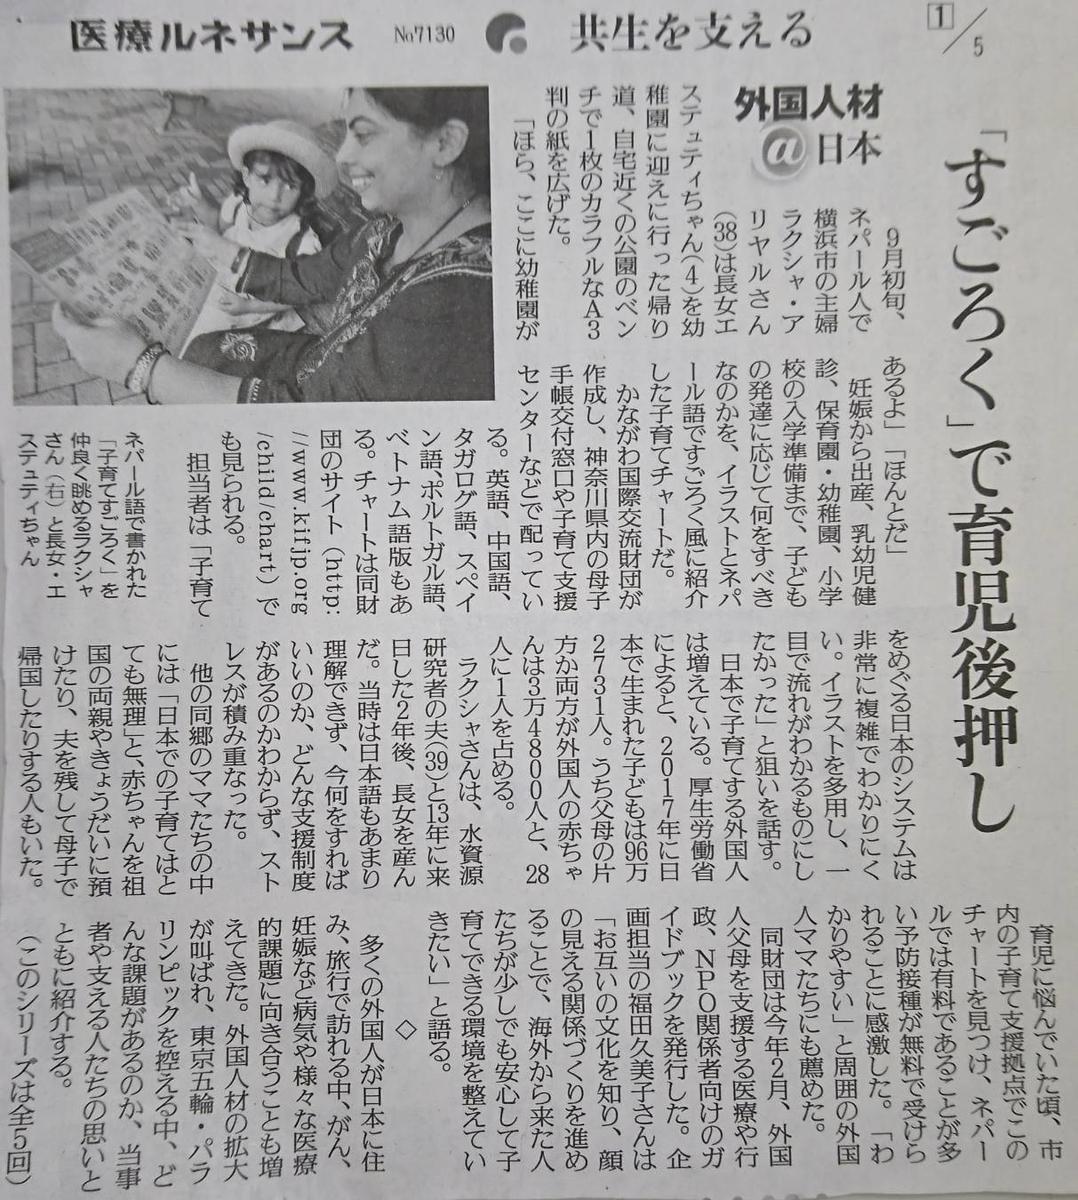 f:id:kazura-kobayashi:20200914174126j:plain